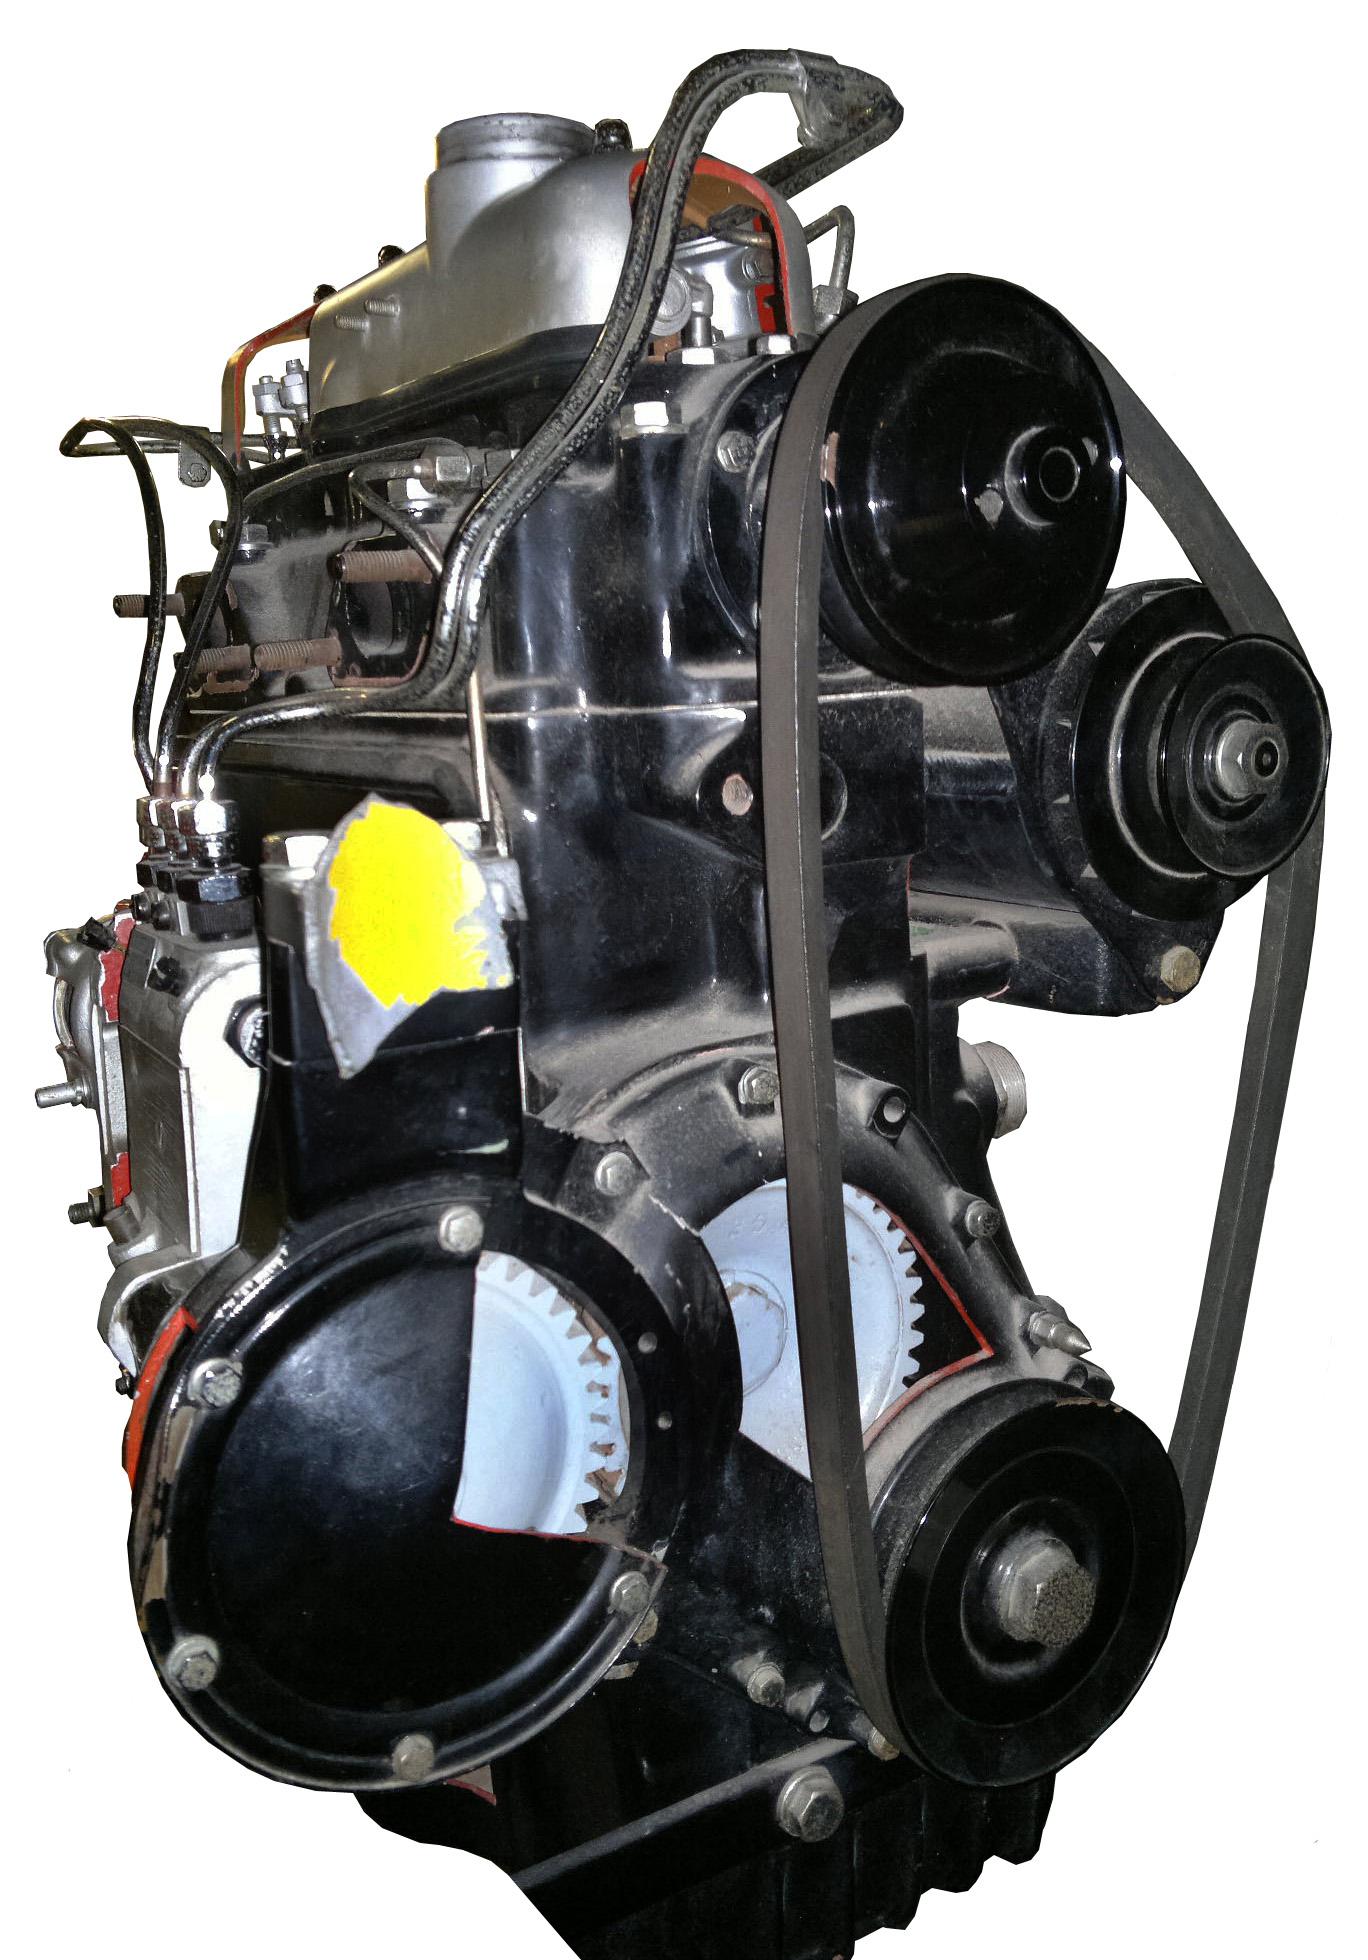 Blick auf das Schnittmodell eines MB 170D